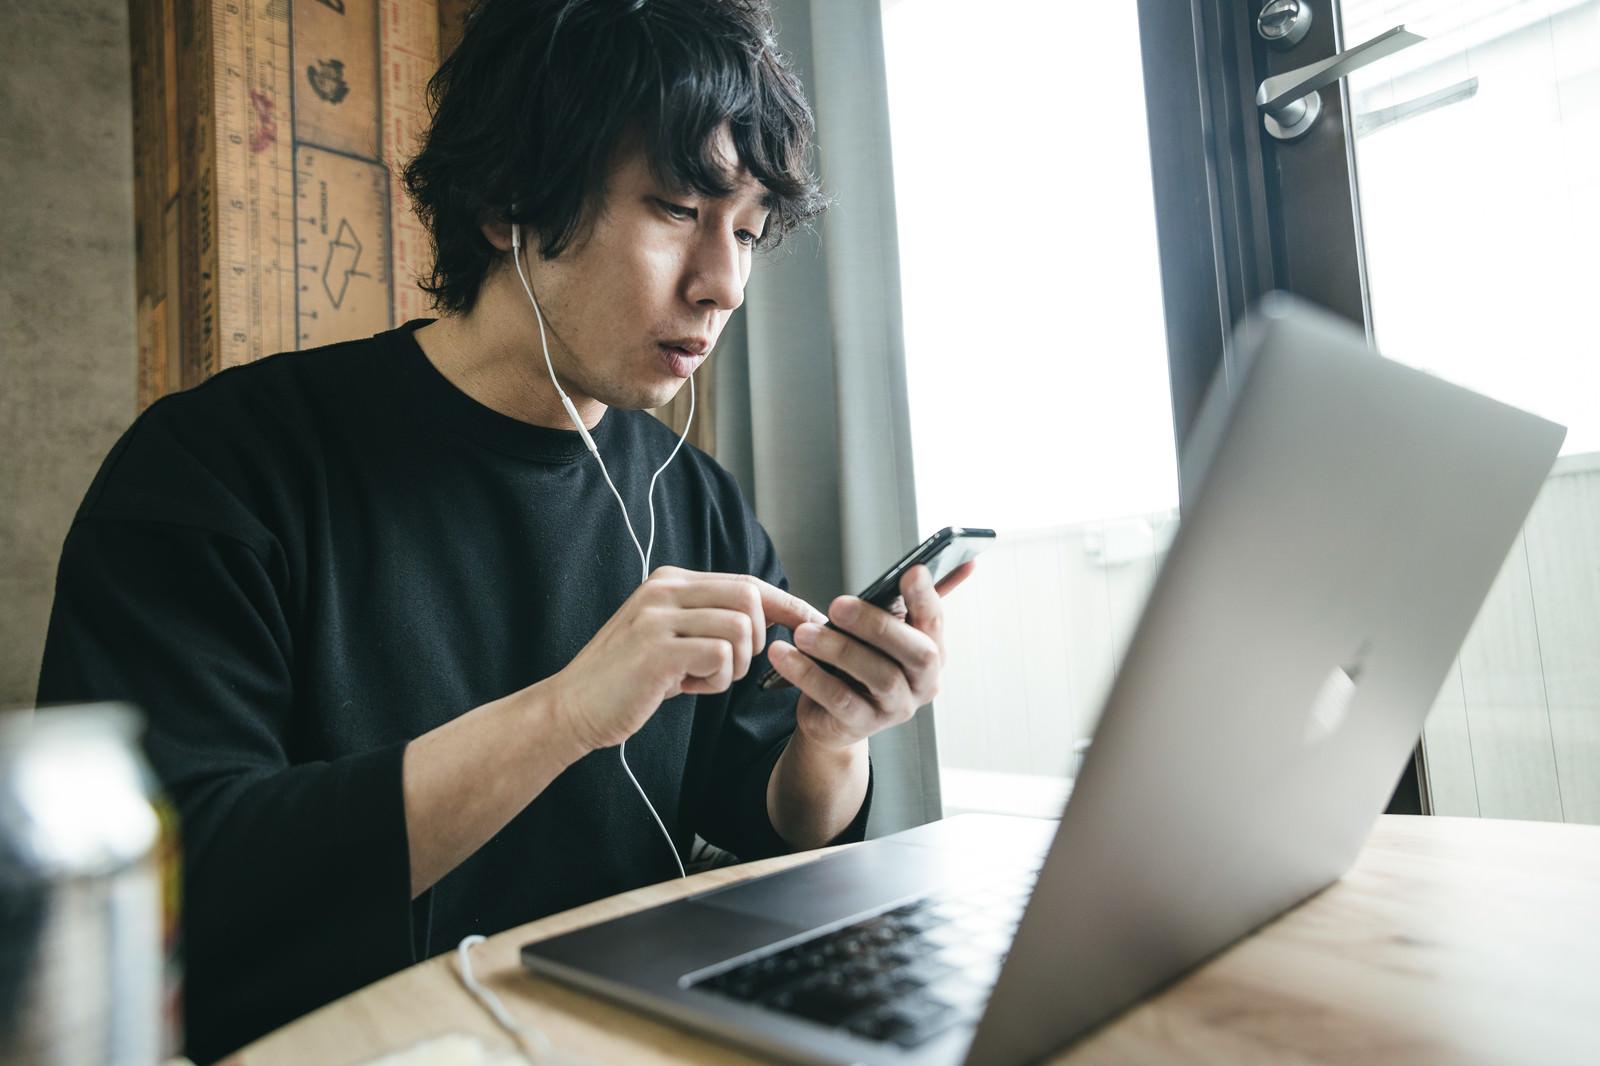 「作業中にニュースアプリをチェックするリモートワーカー」の写真[モデル:大川竜弥]